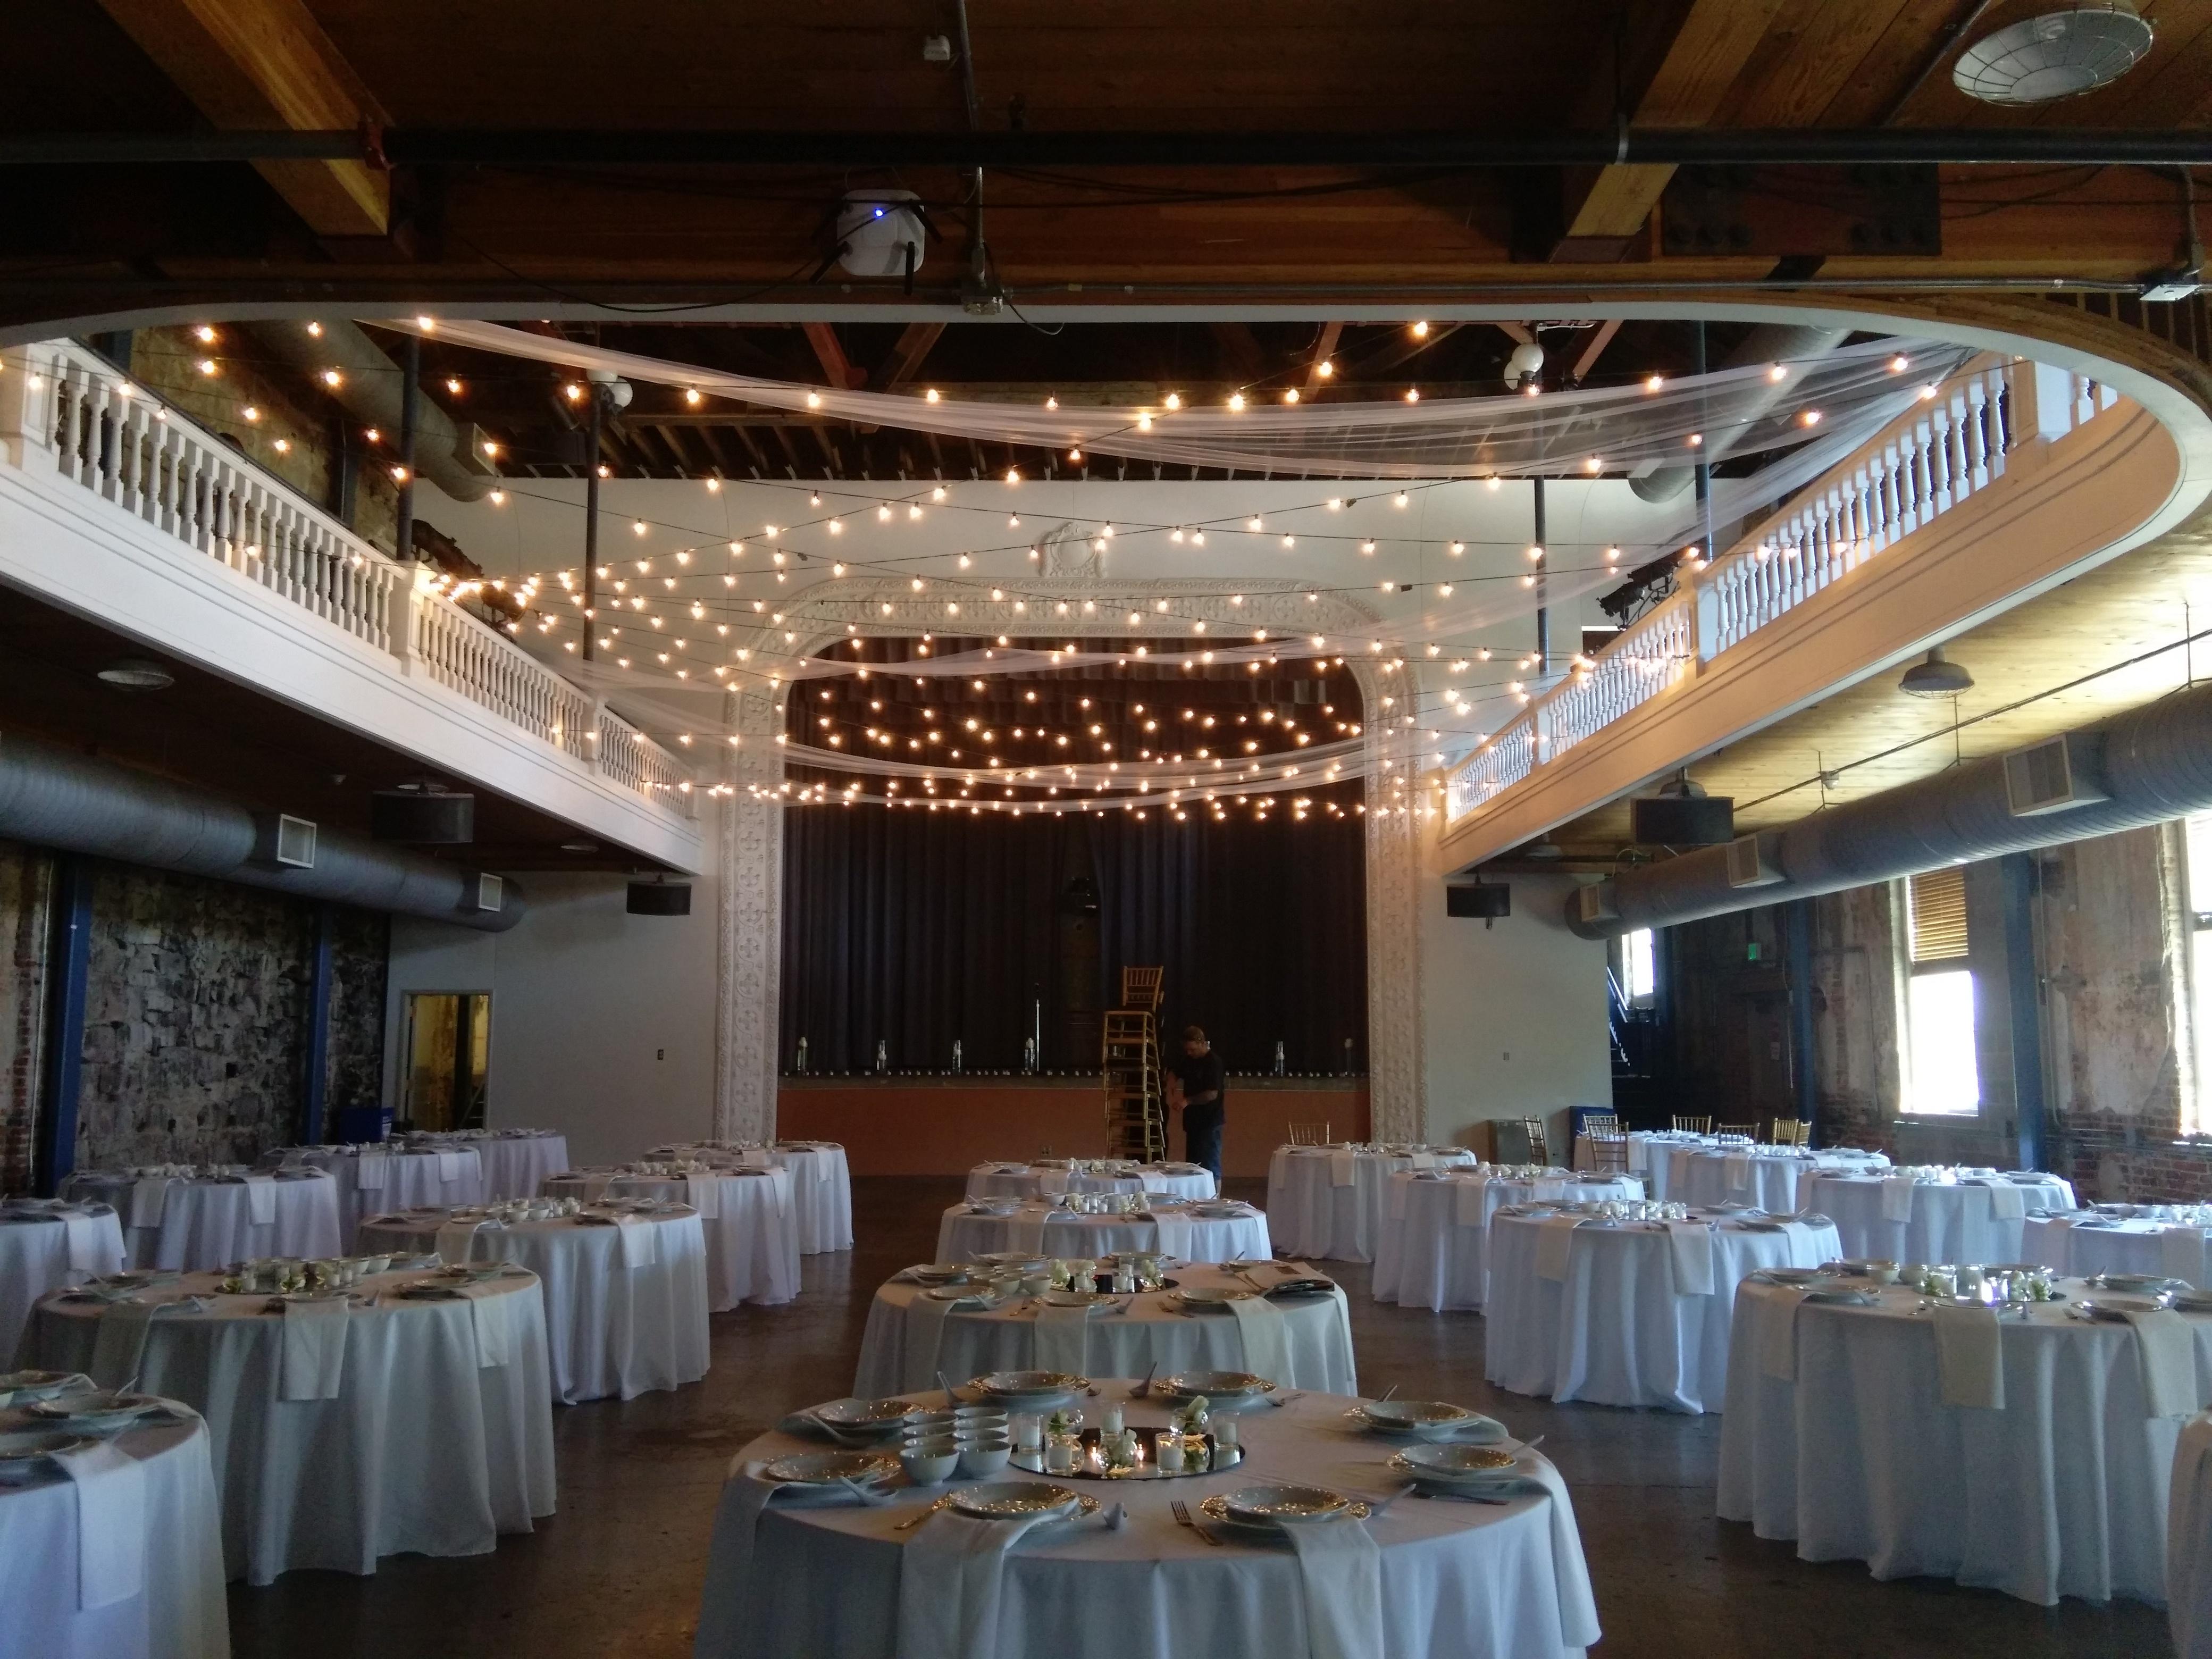 Wedding Rentals Denver Wedding Rentals Colorado